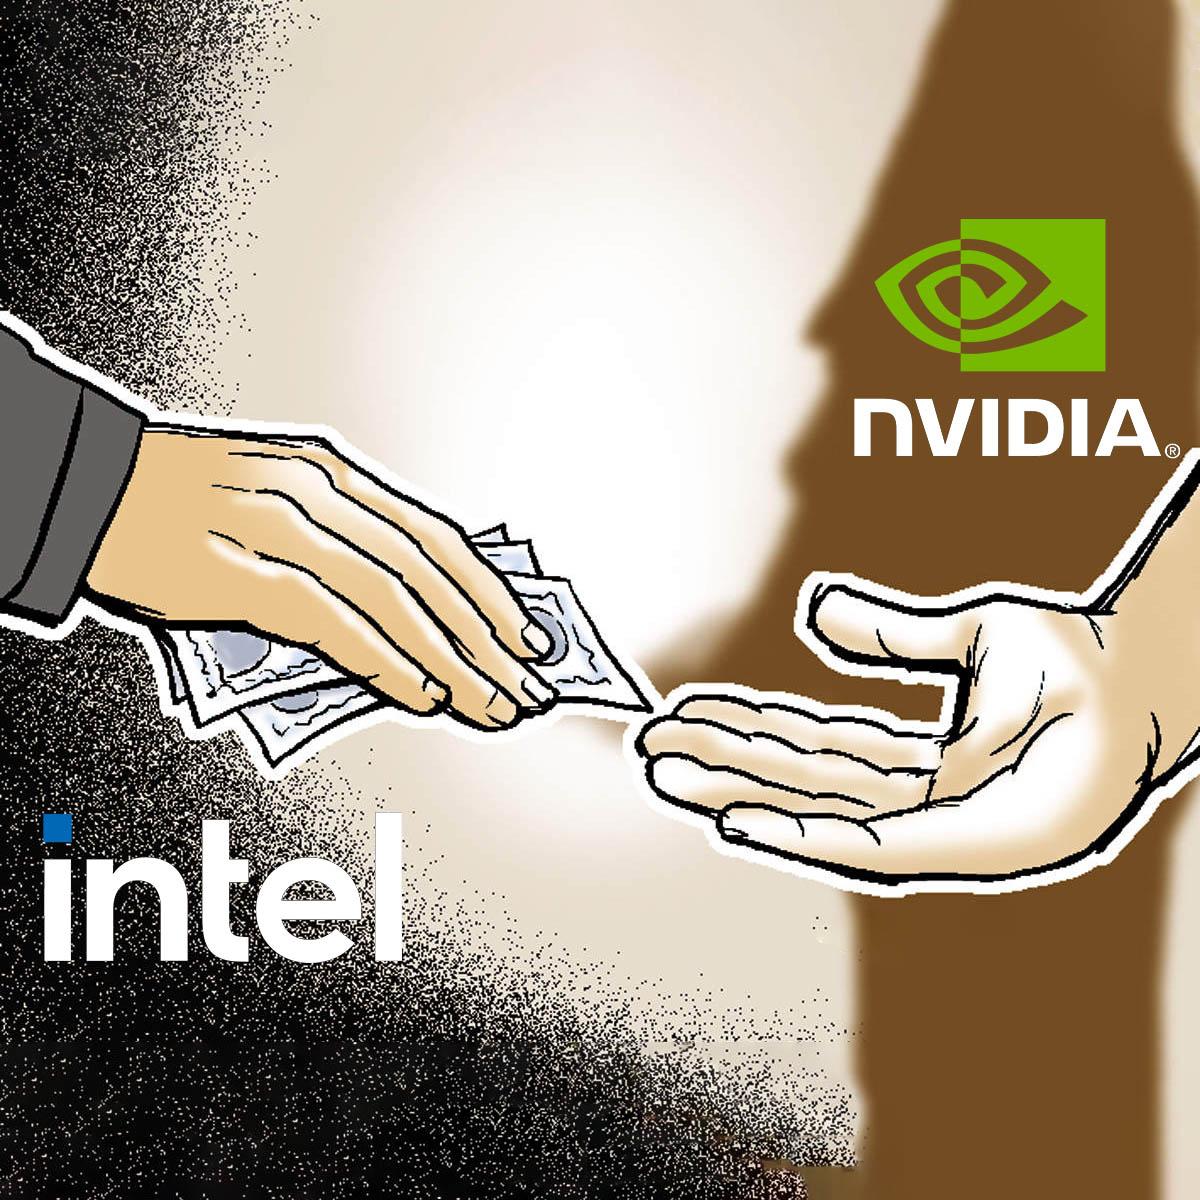 """Thực hư chuyện Intel và Nvidia """"đi đêm"""" trên những chiếc laptop gaming năm 2020?"""